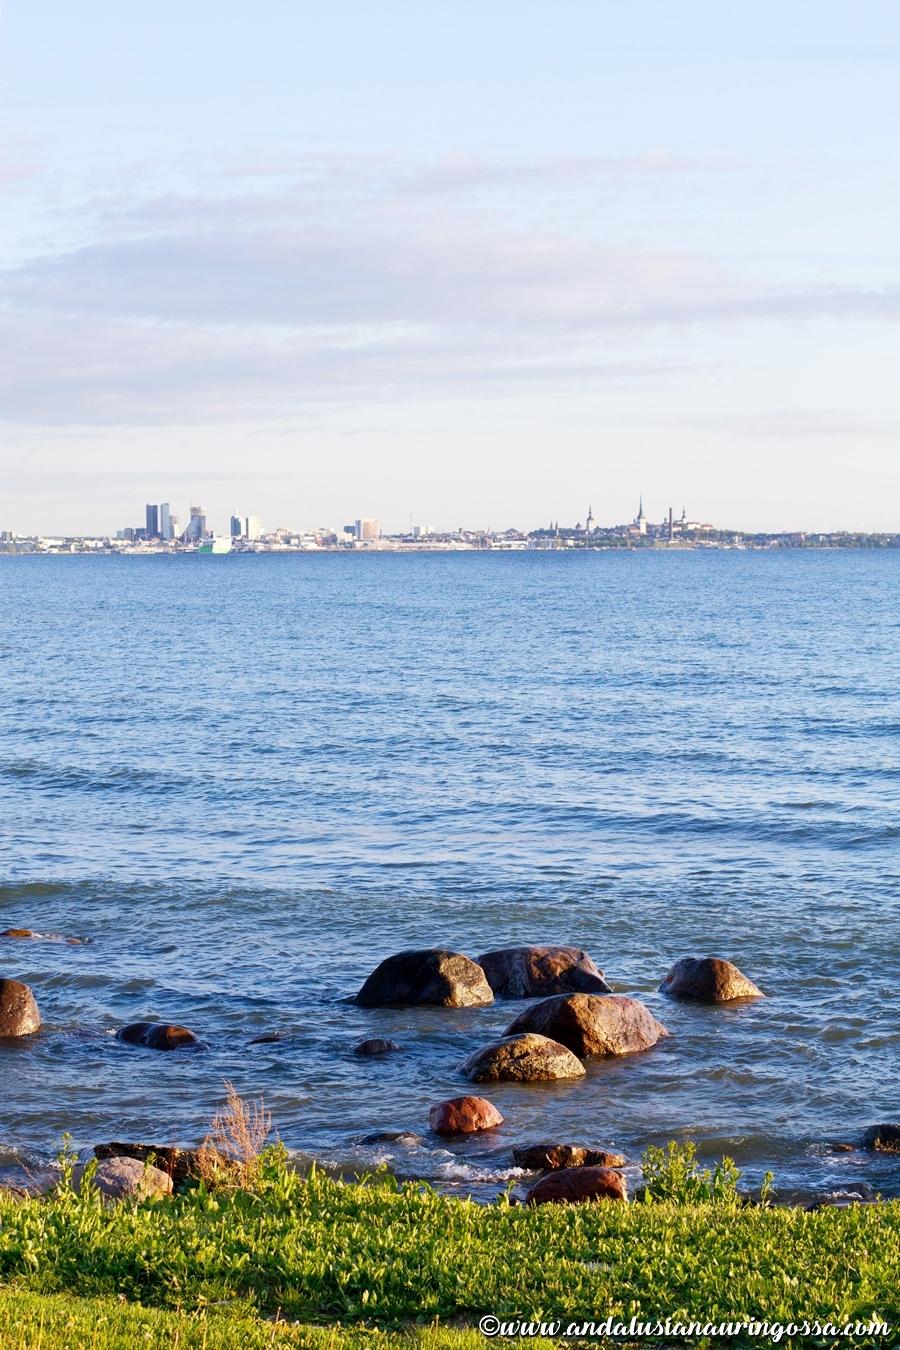 Noa_Tallinna_Tallinnan parhaat ravintolat_Andalusian auringossa_ruokablogi_matkablogi_18